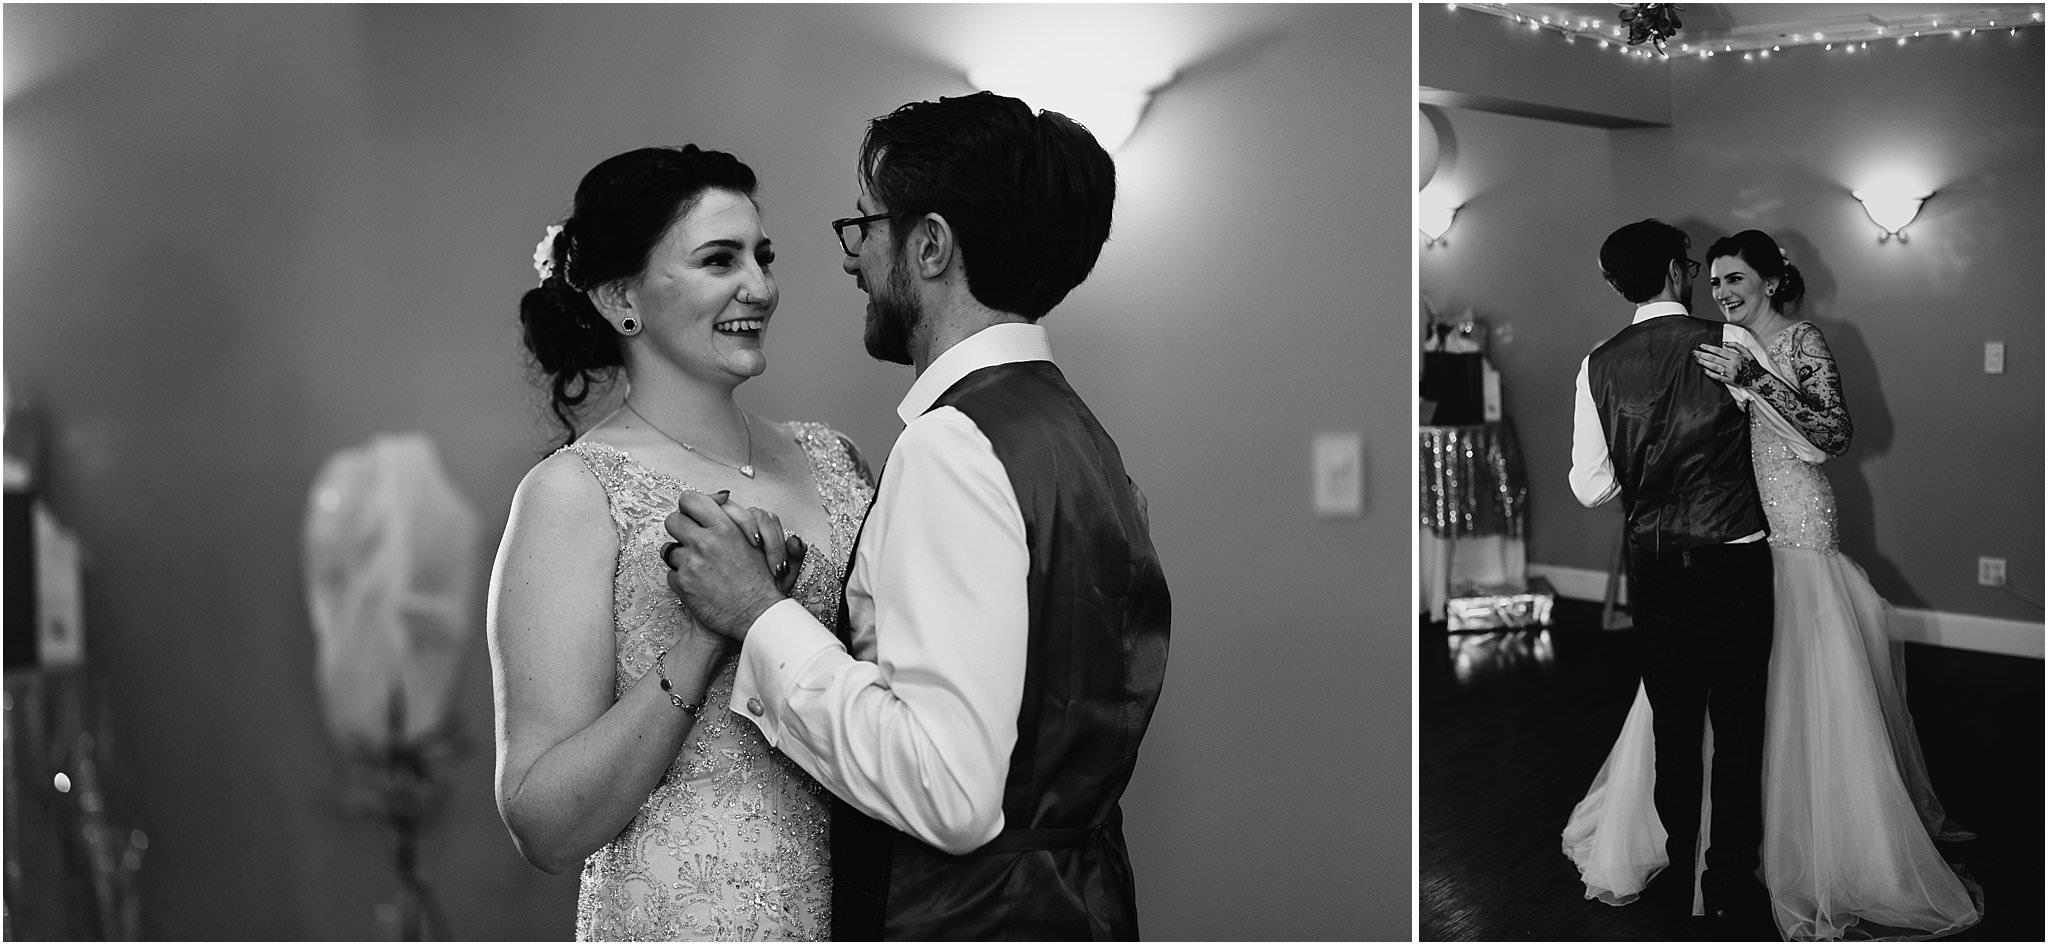 sarah-and-daves-downtown-snohomish-wedding-31.jpg